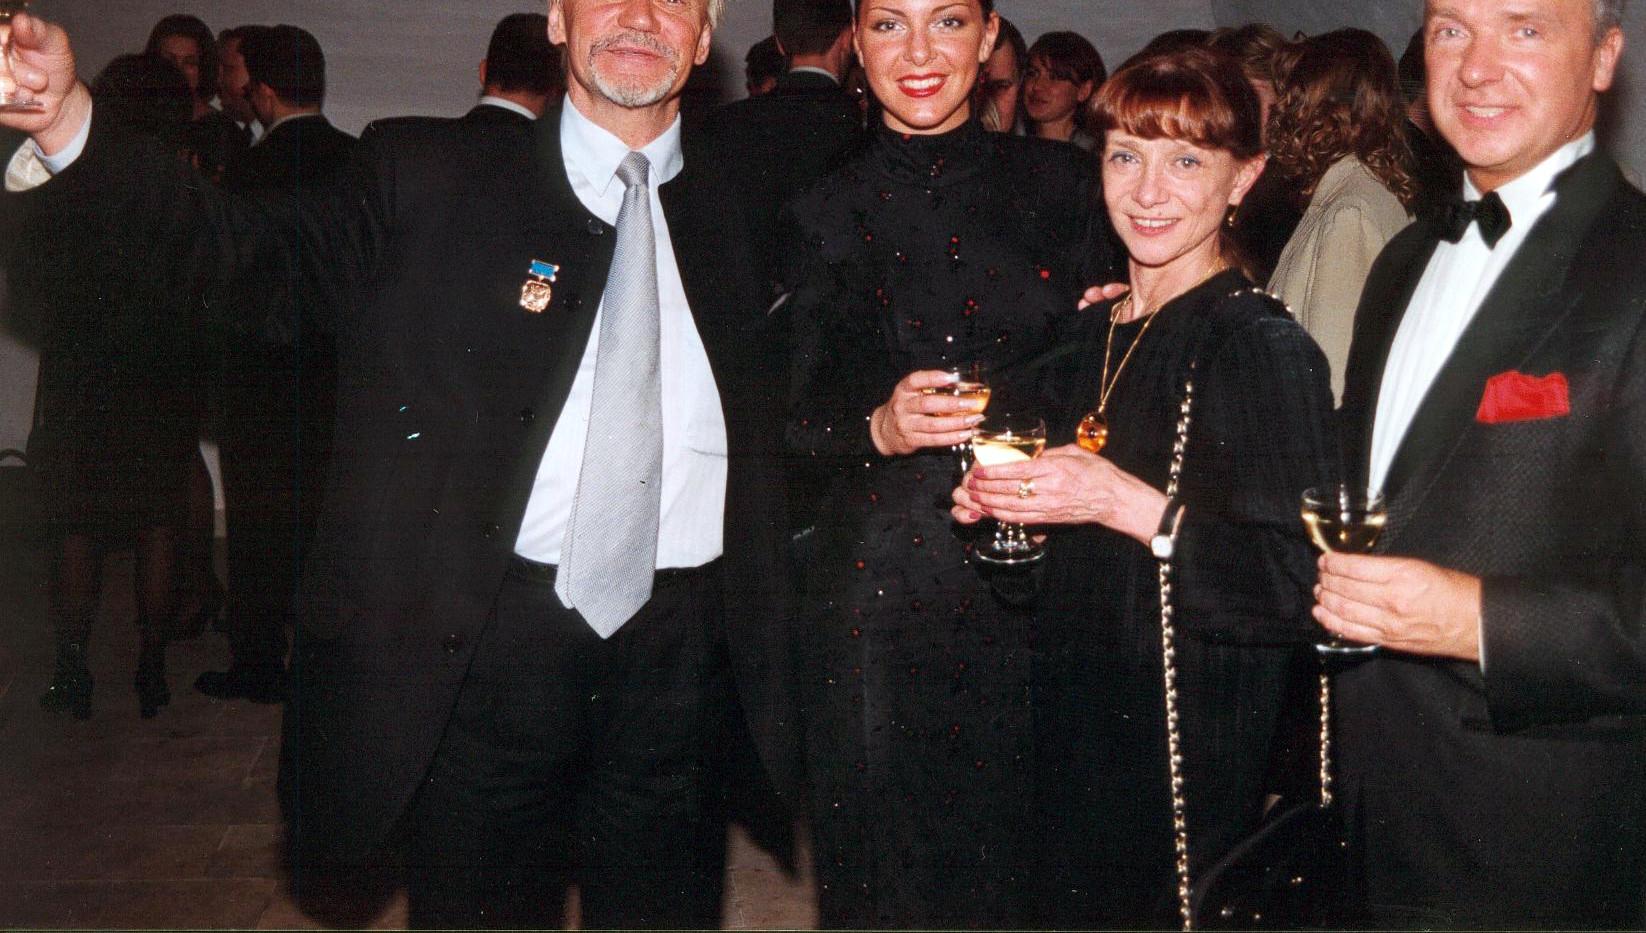 С Владимиром Васильевым и Екатериной Максимовой и Ириной Остроумовой.